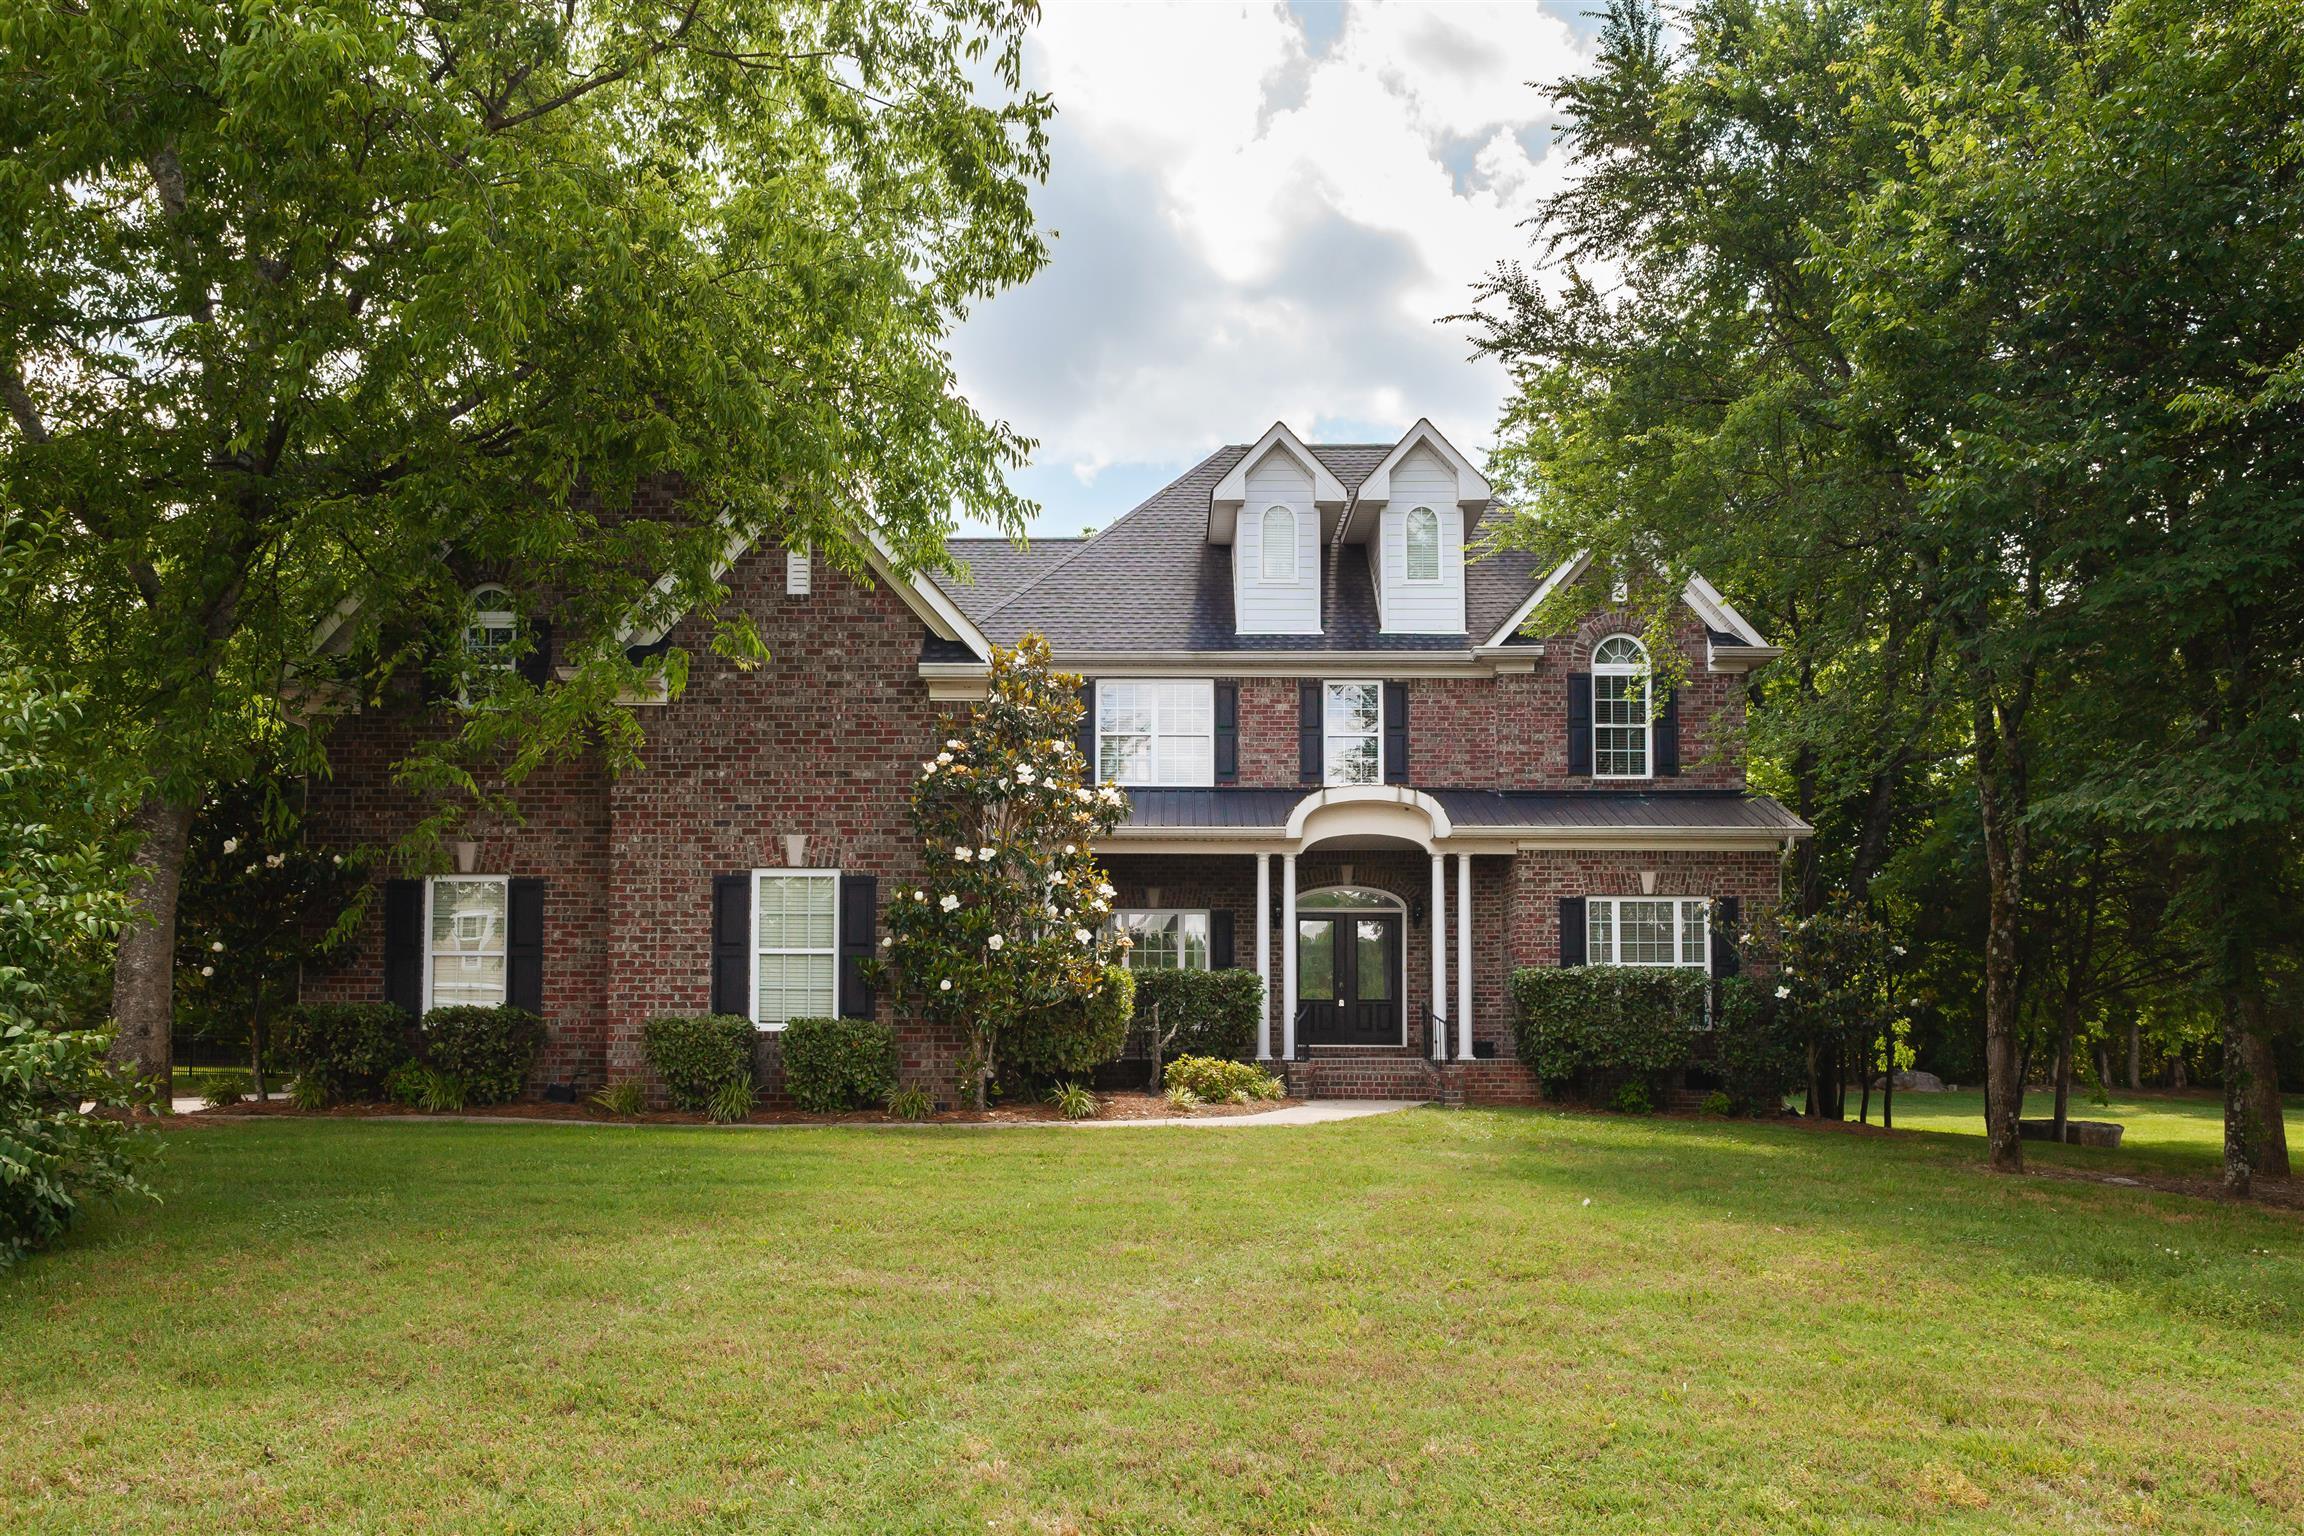 124 Wyndham Cove, Murfreesboro, Tennessee